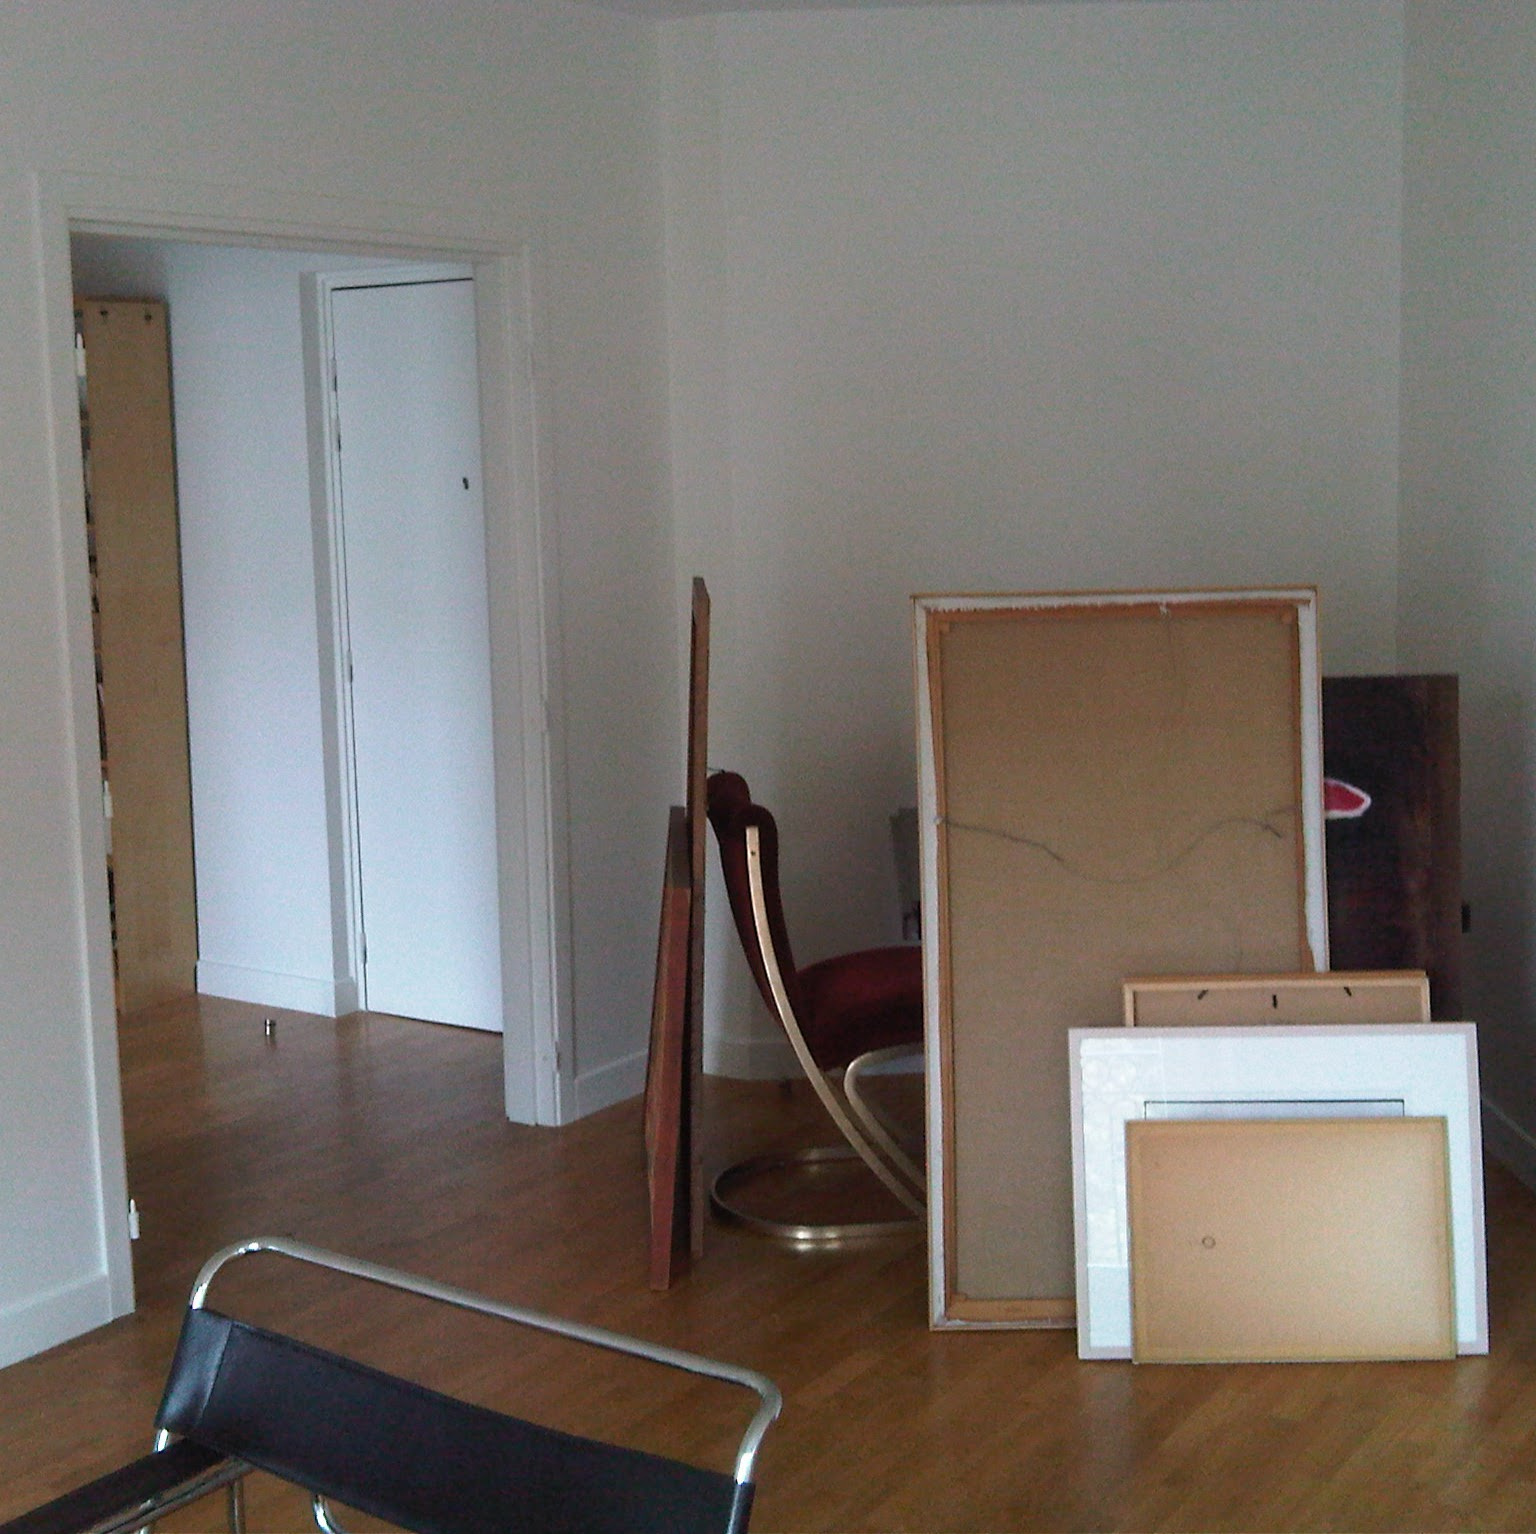 prix discount renovation peinture et ou vitrification parquet appartement sevres renov ex. Black Bedroom Furniture Sets. Home Design Ideas